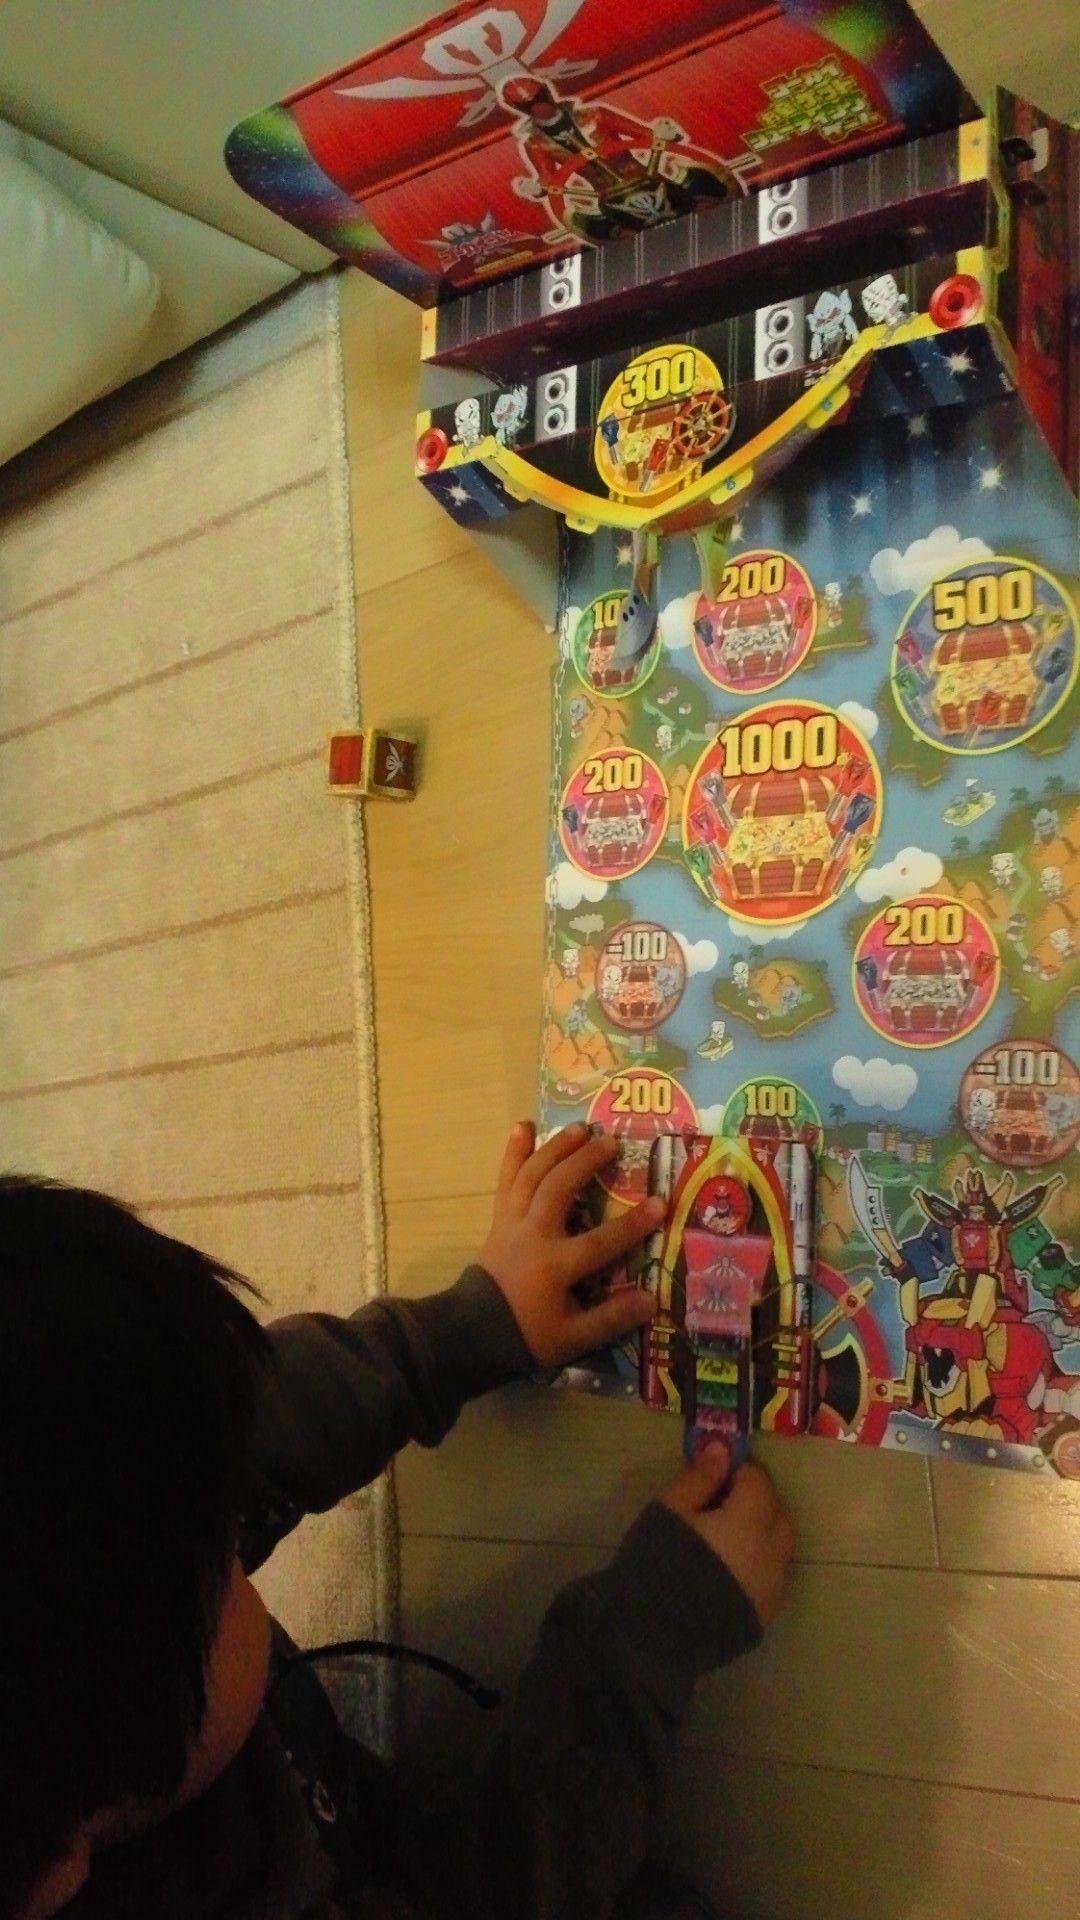 てれびくん2012年2月号付録のゴーカイジャーのシューティングゲーム。この手のもの、子供は喜ぶけど作るのは大人なので大変である。